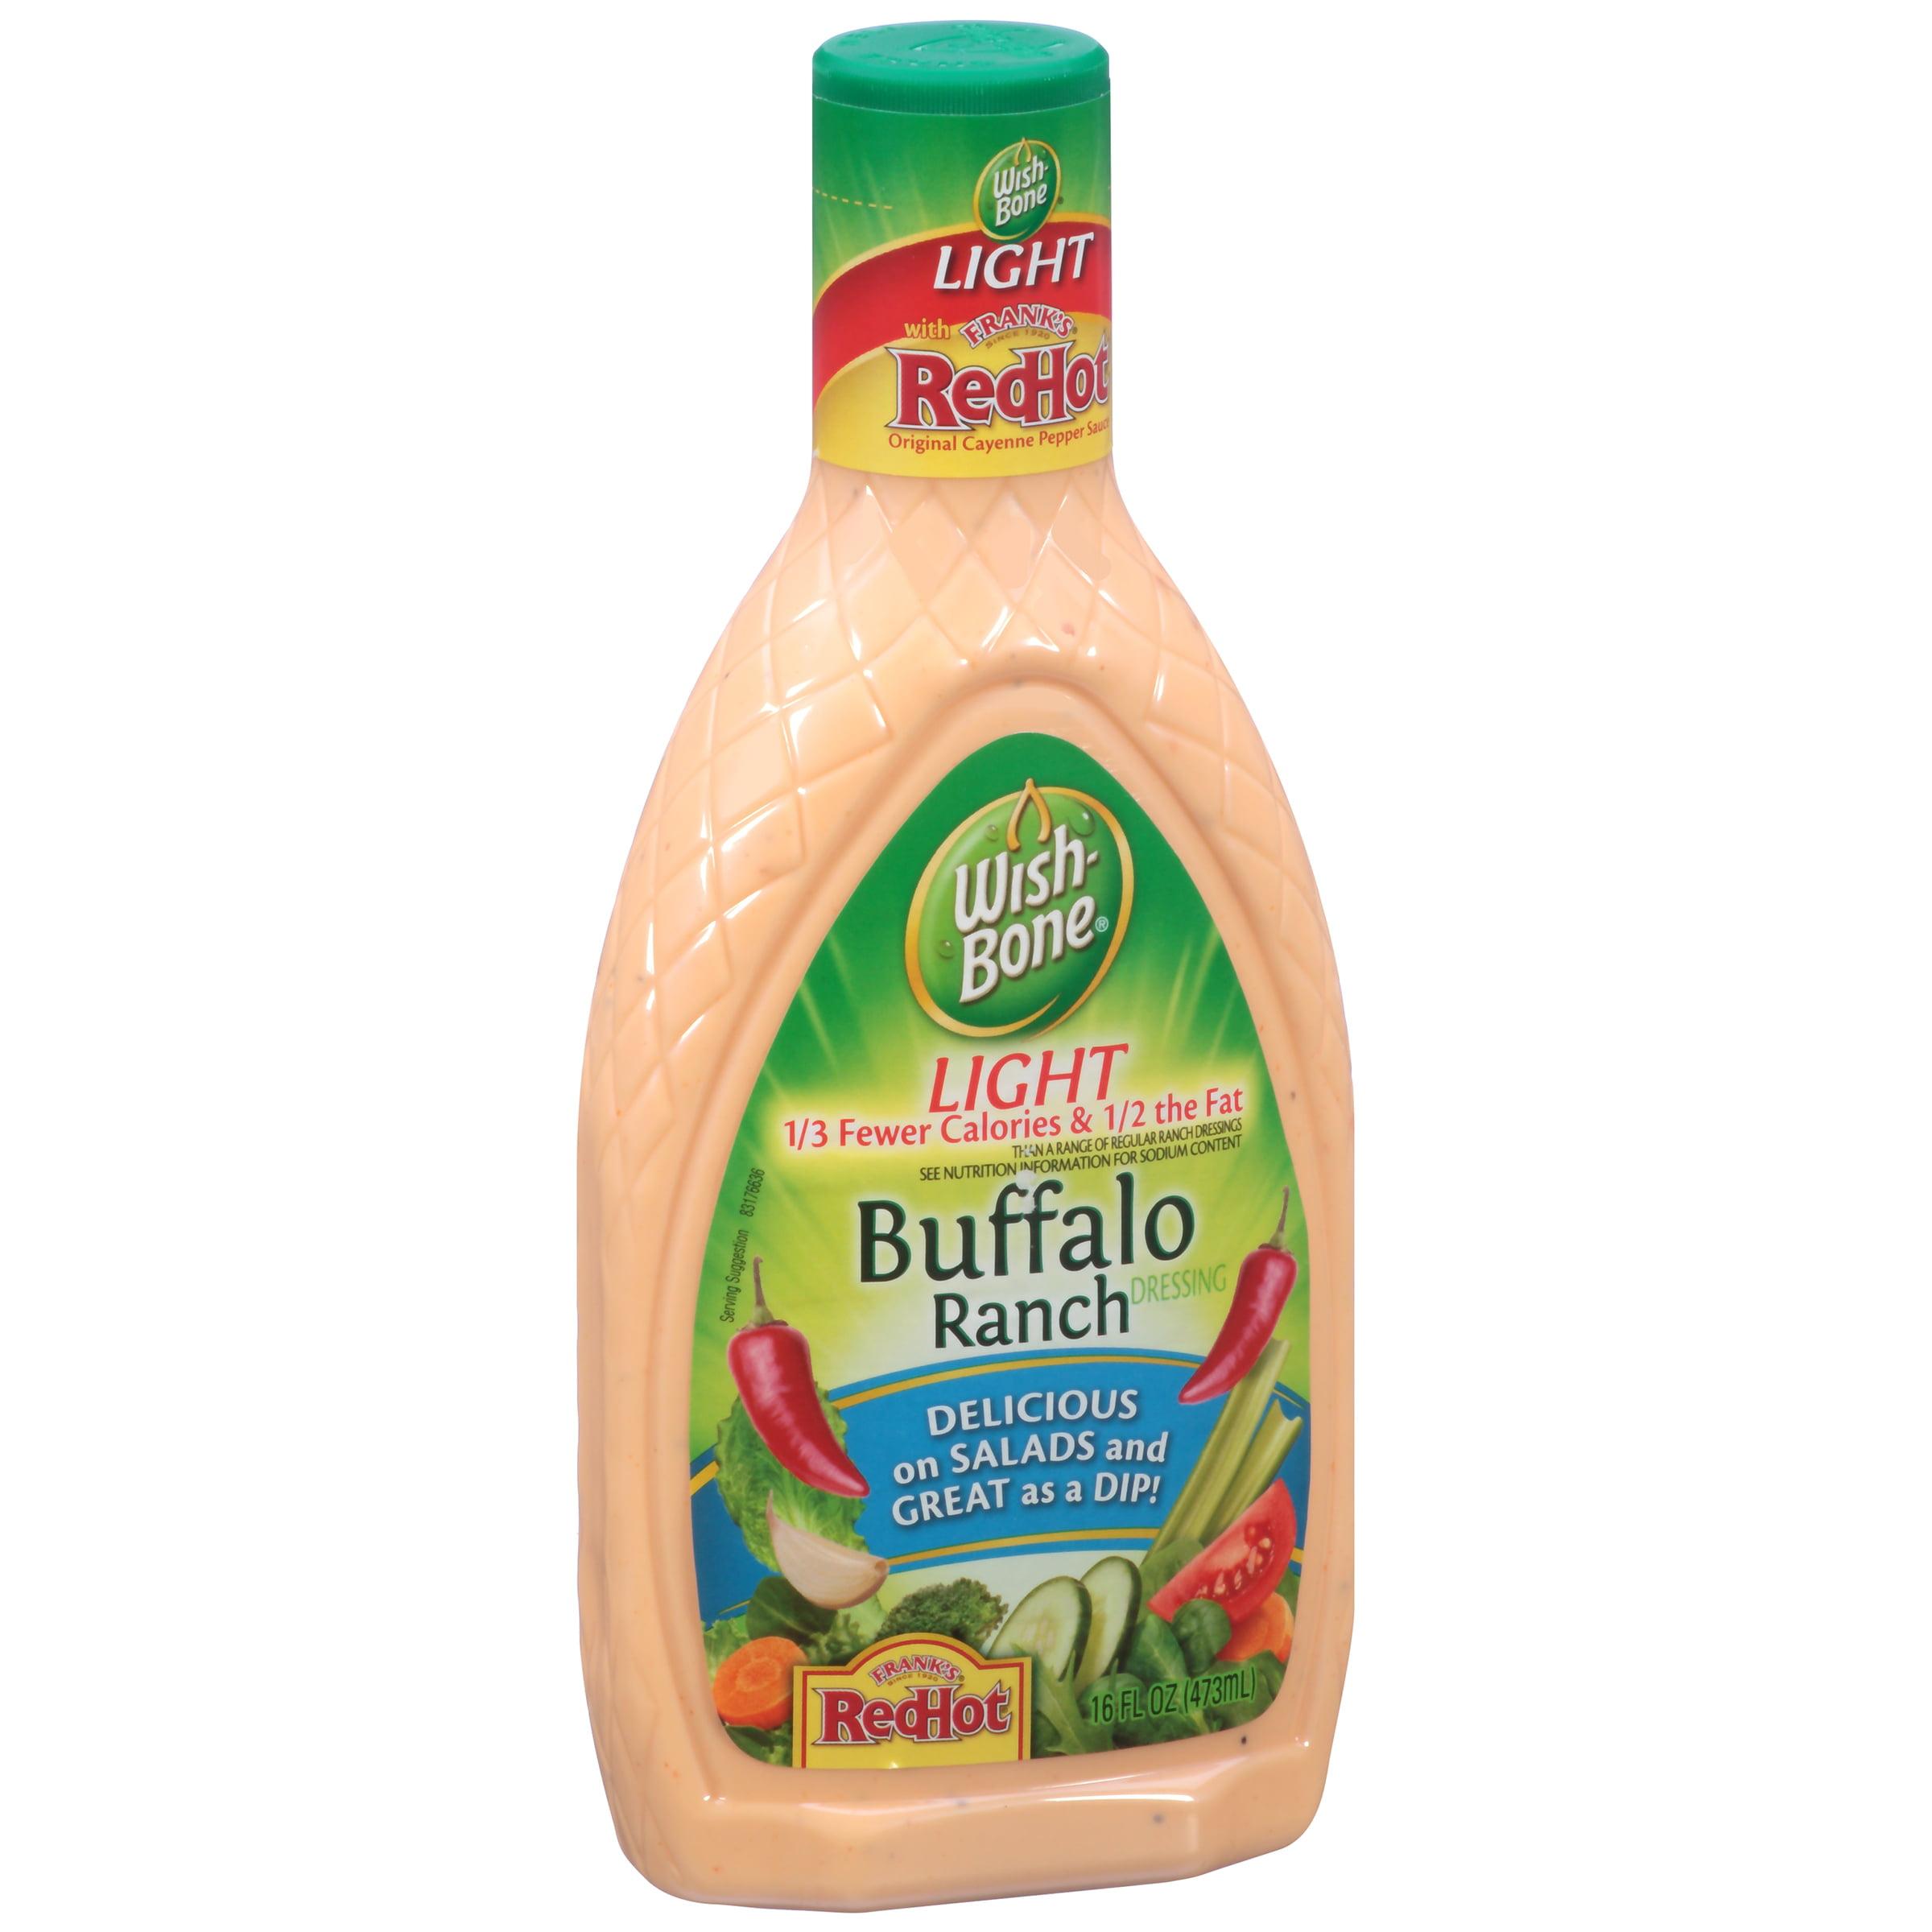 Wish-Bone Light Buffalo Ranch Salad Dressing, 16 fl oz